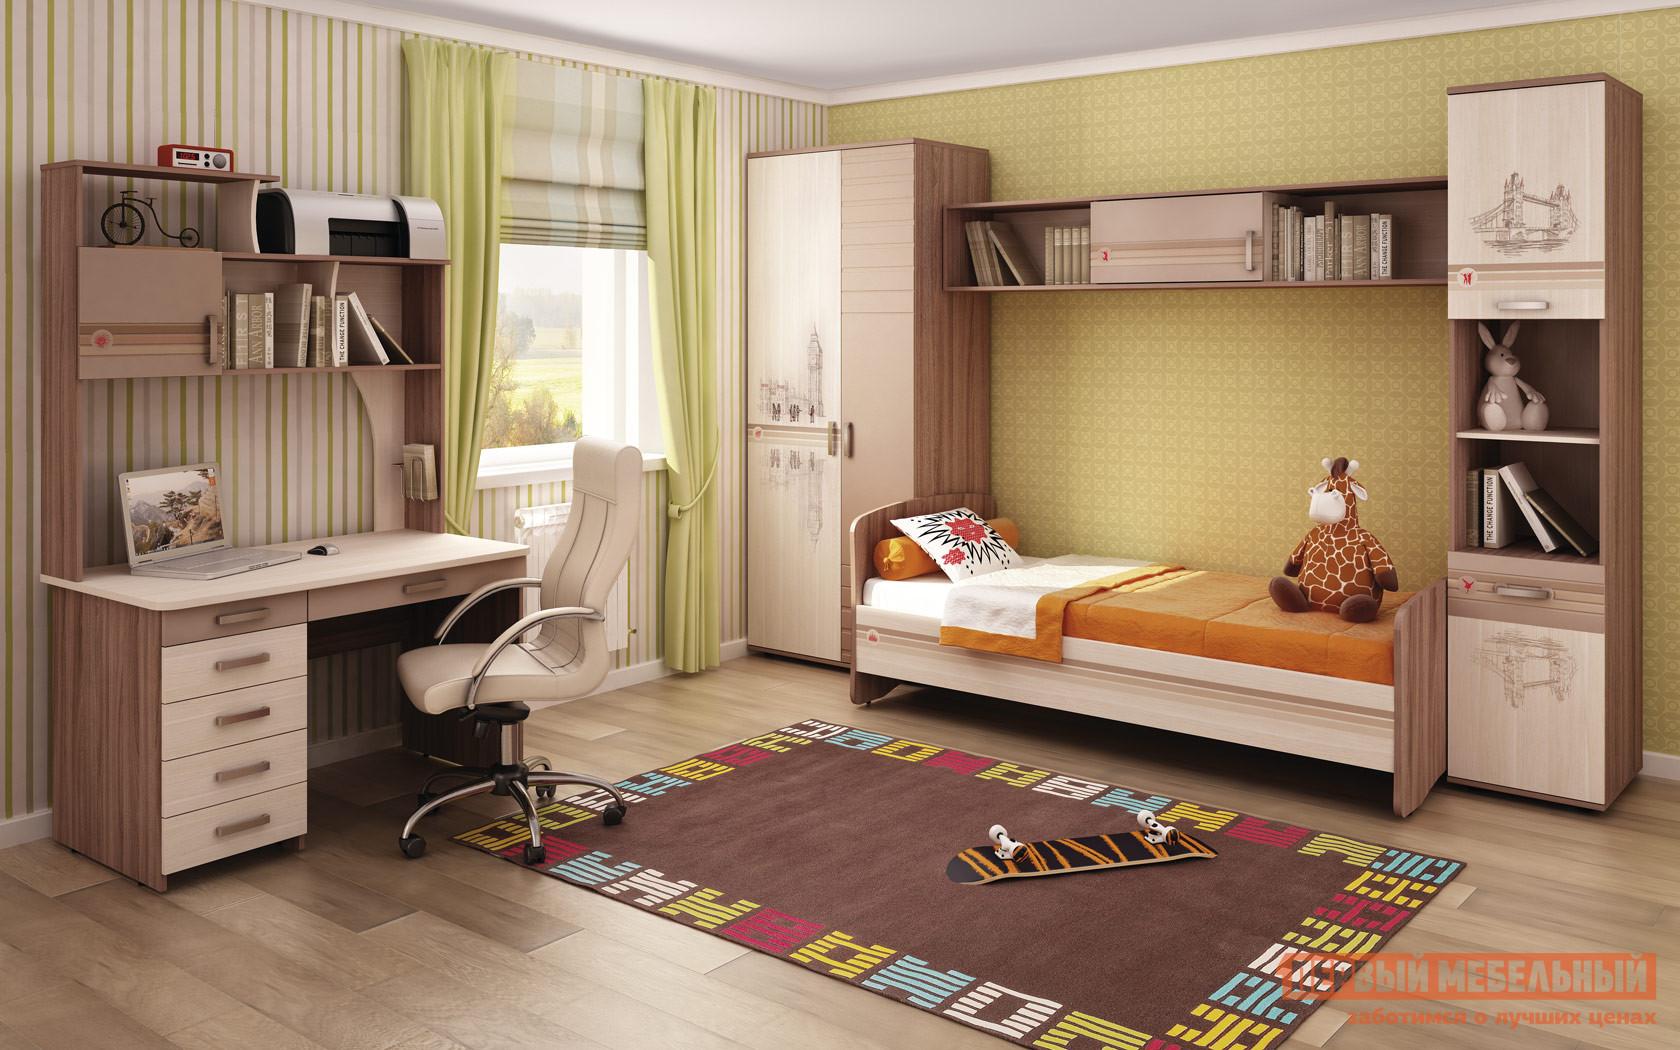 Комплект детской мебели Витра Британия К2 комплект детской мебели витра бриз к2